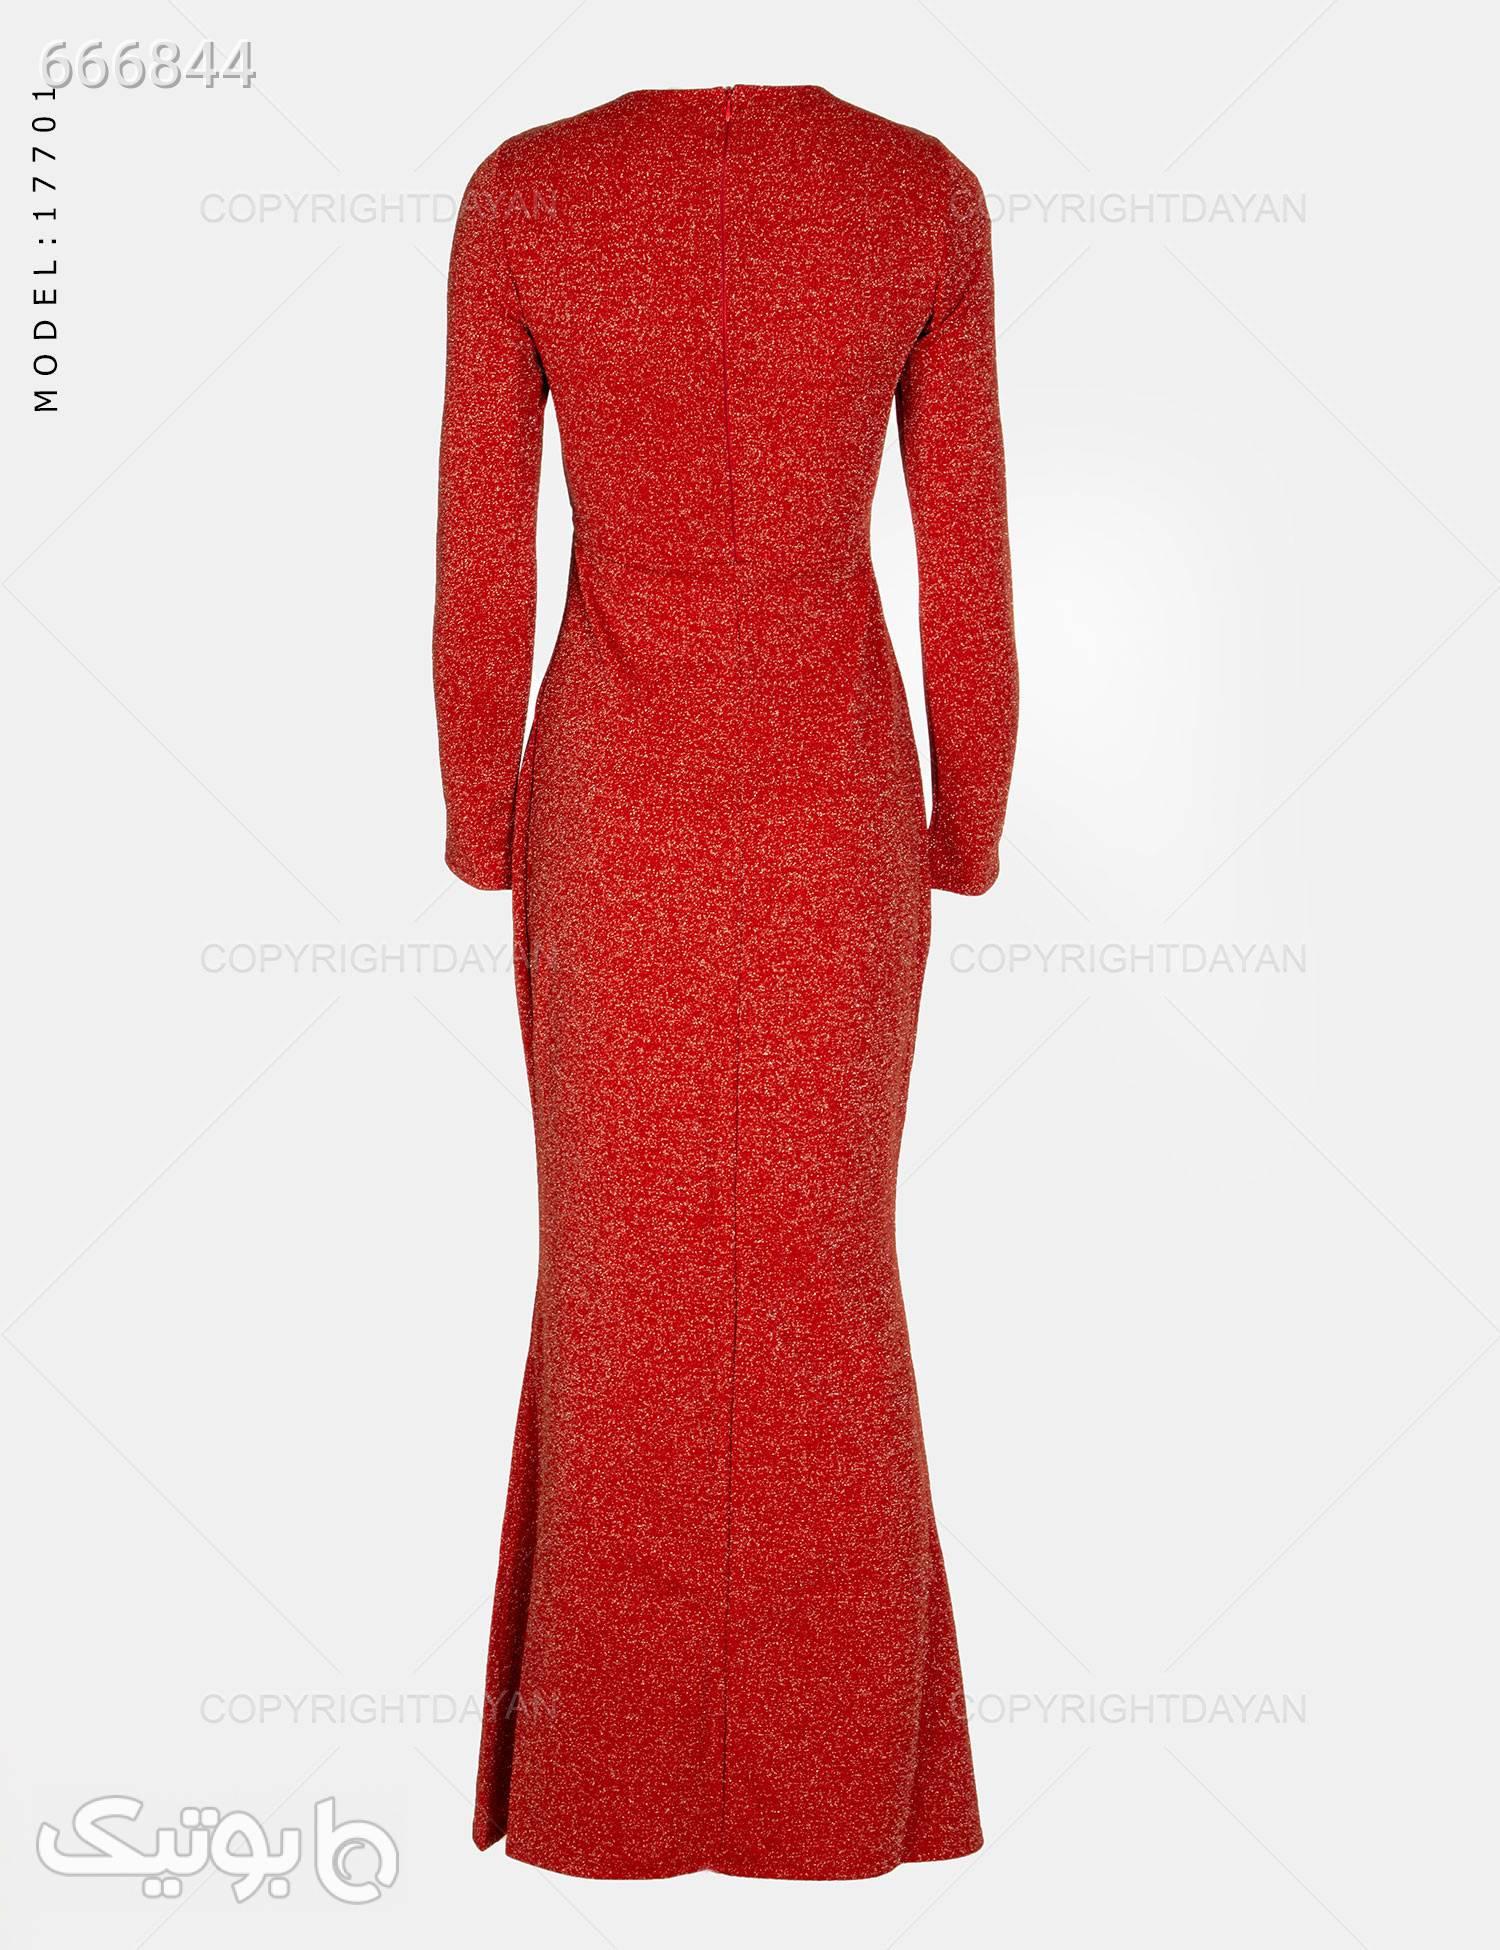 پیراهن زنانه Elsa مدل 17701 قرمز پيراهن و سارافون زنانه